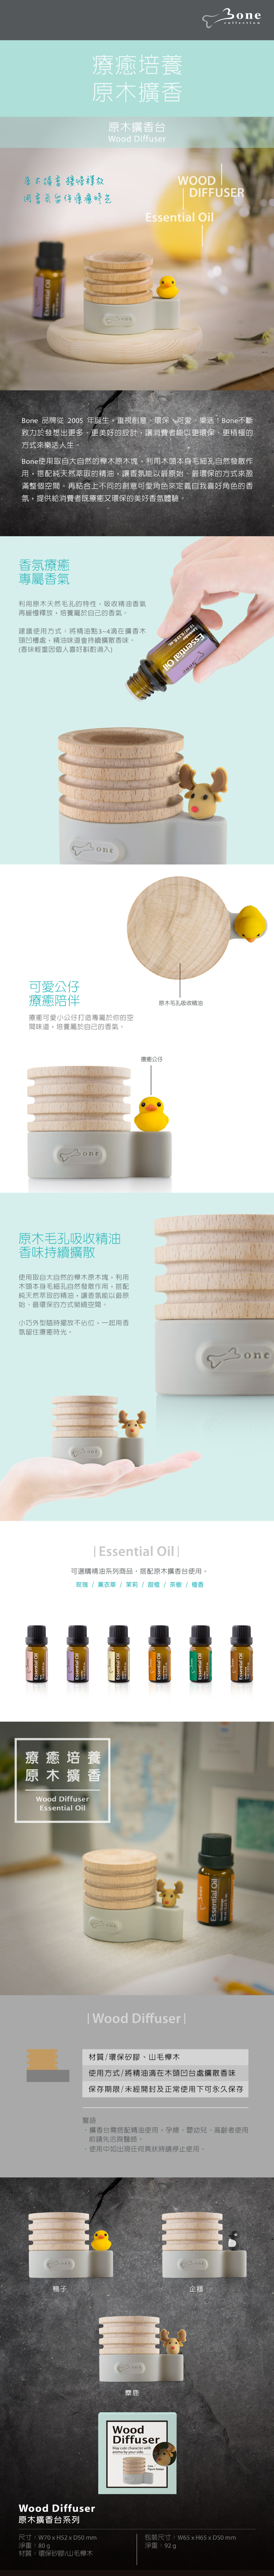 (複製)Bone|Cup Lid 水杯蓋 - 麋鹿